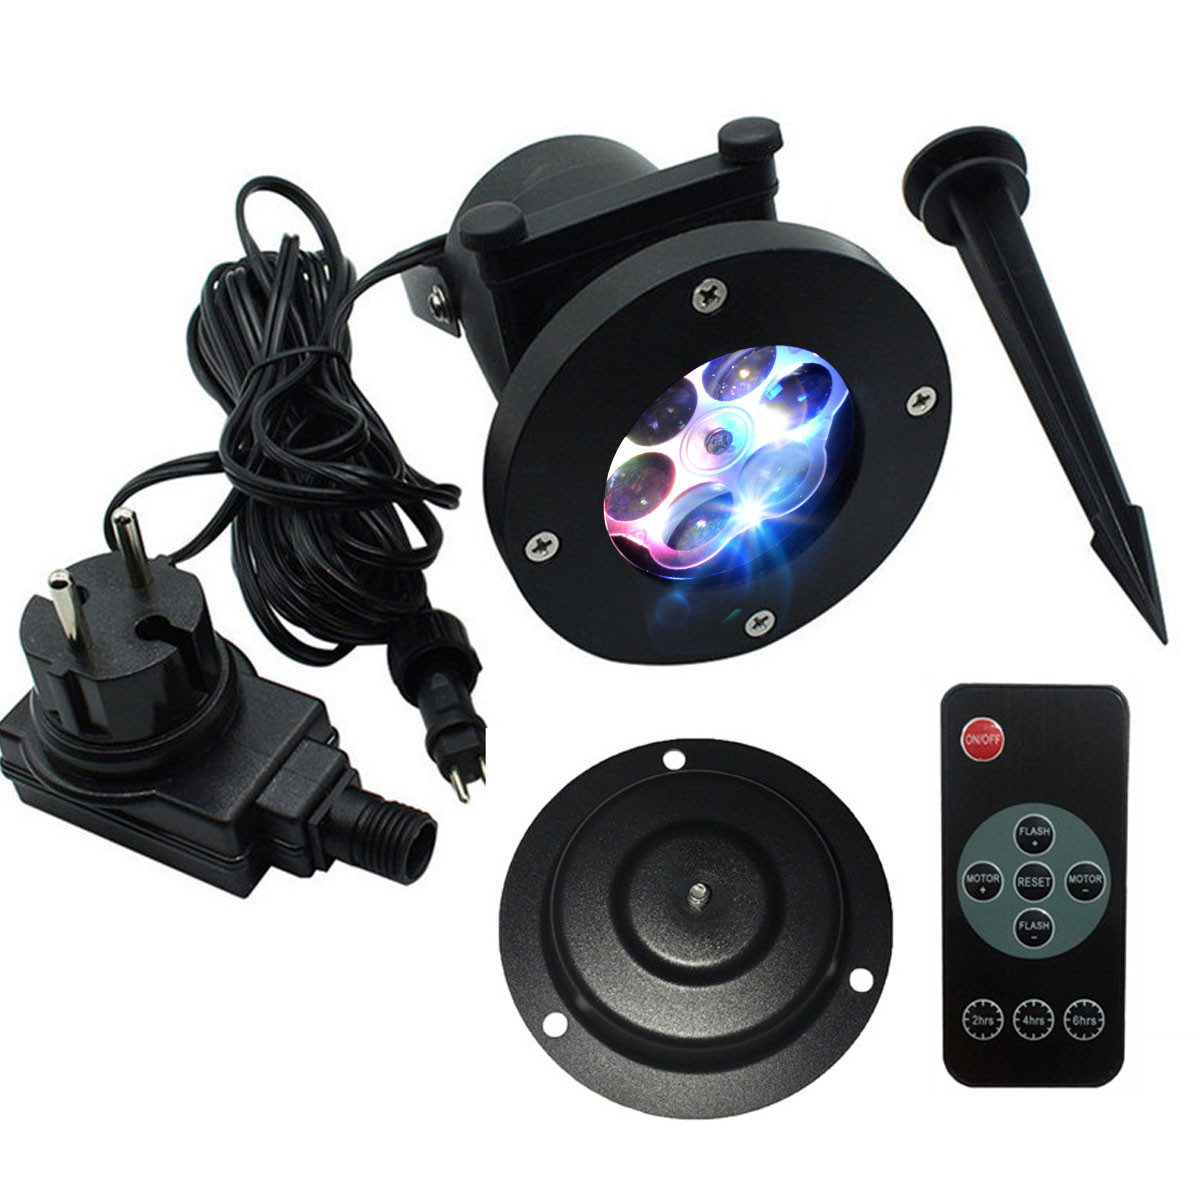 Projektor laserowy, karty z wzorami, podstawka, nóżka, kabel